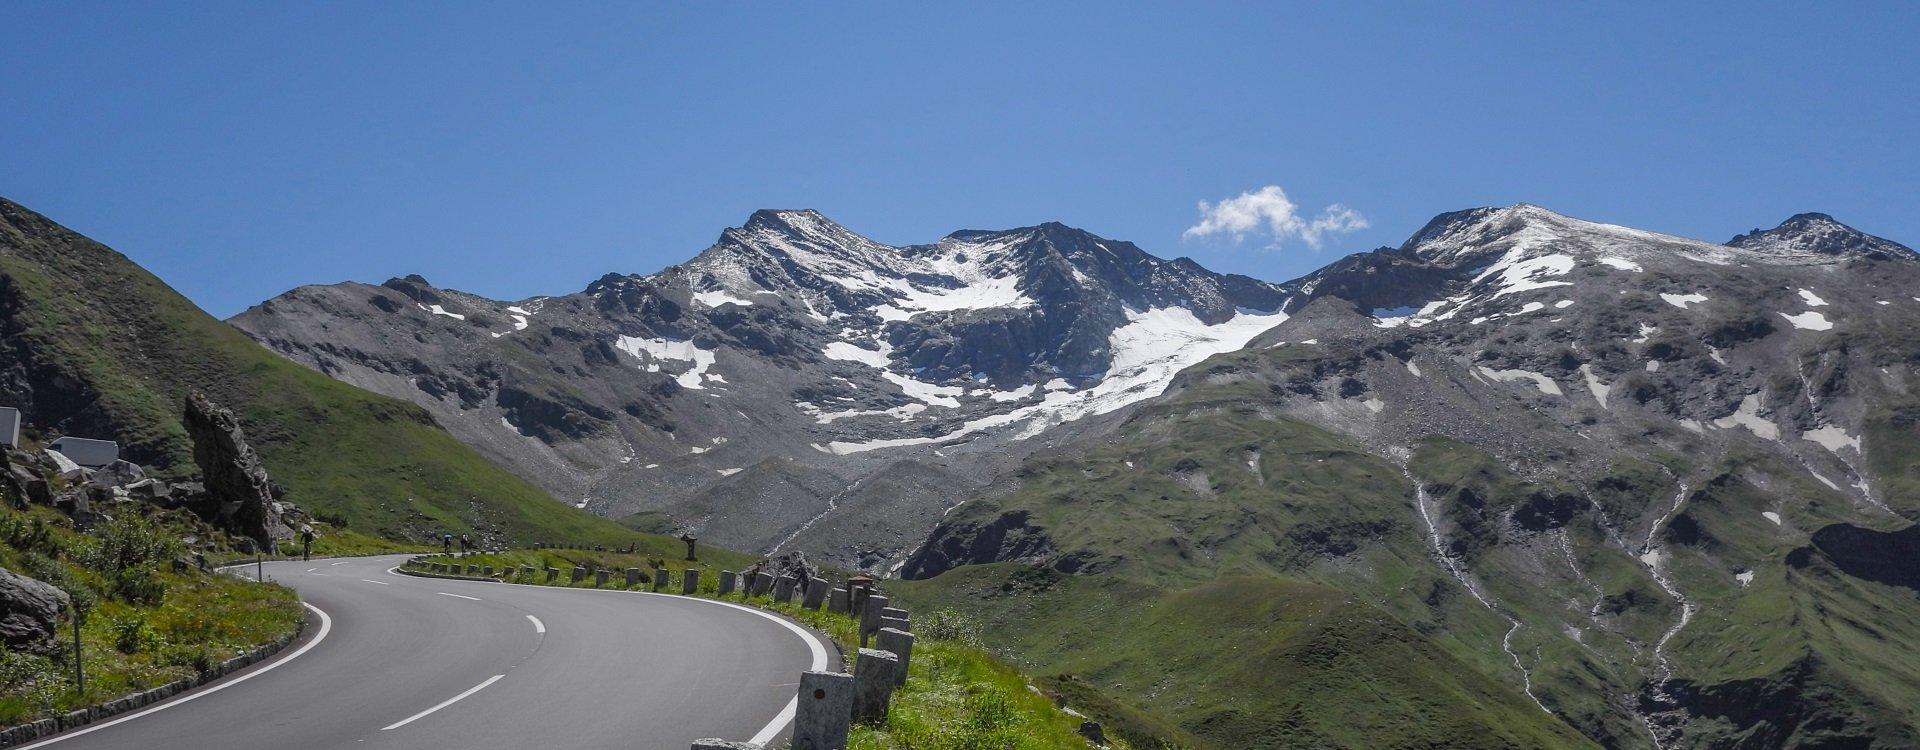 Grossglockner Hochalpenstrasse in Salzburgerland